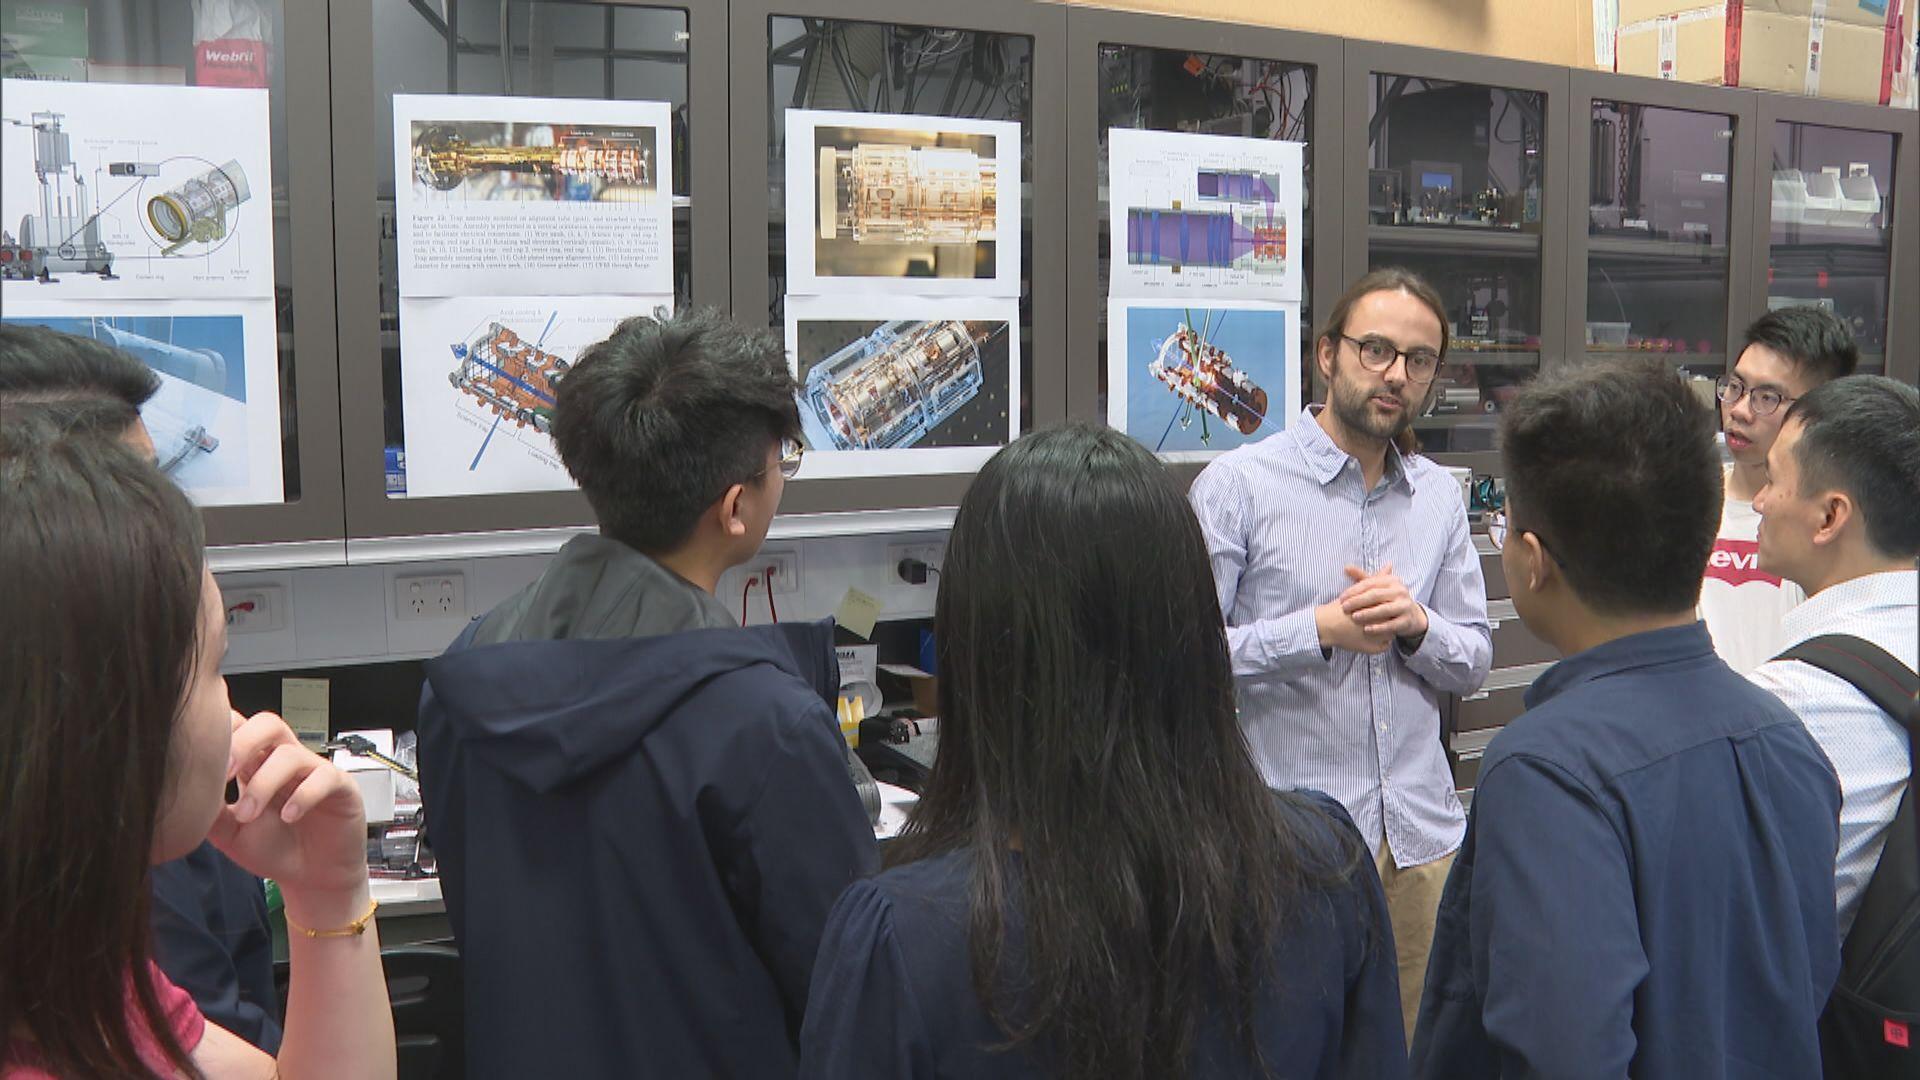 李嘉誠基金會資助大學生到澳洲視察創科企業